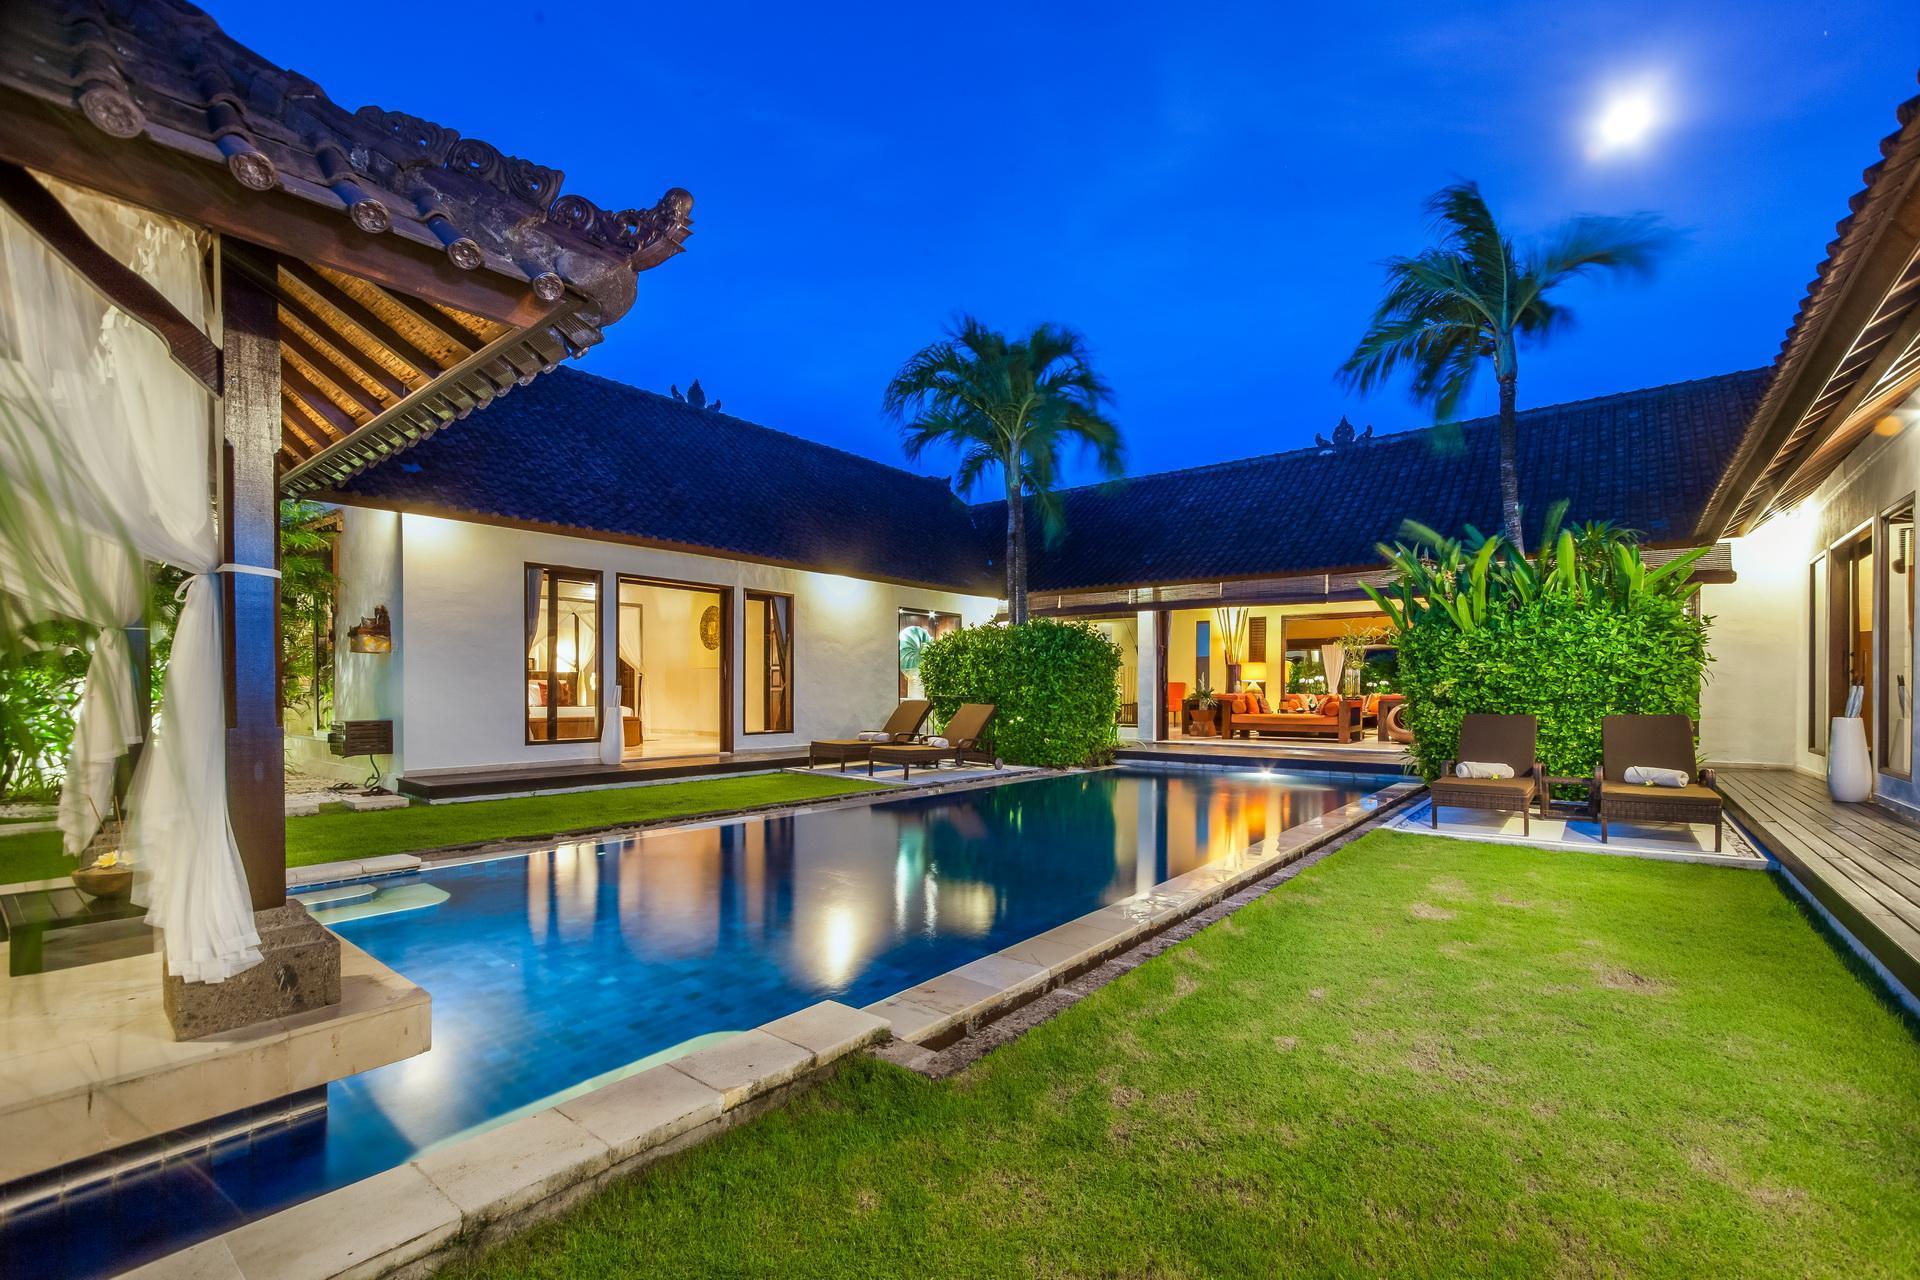 Villa Tania 3 bedroom family